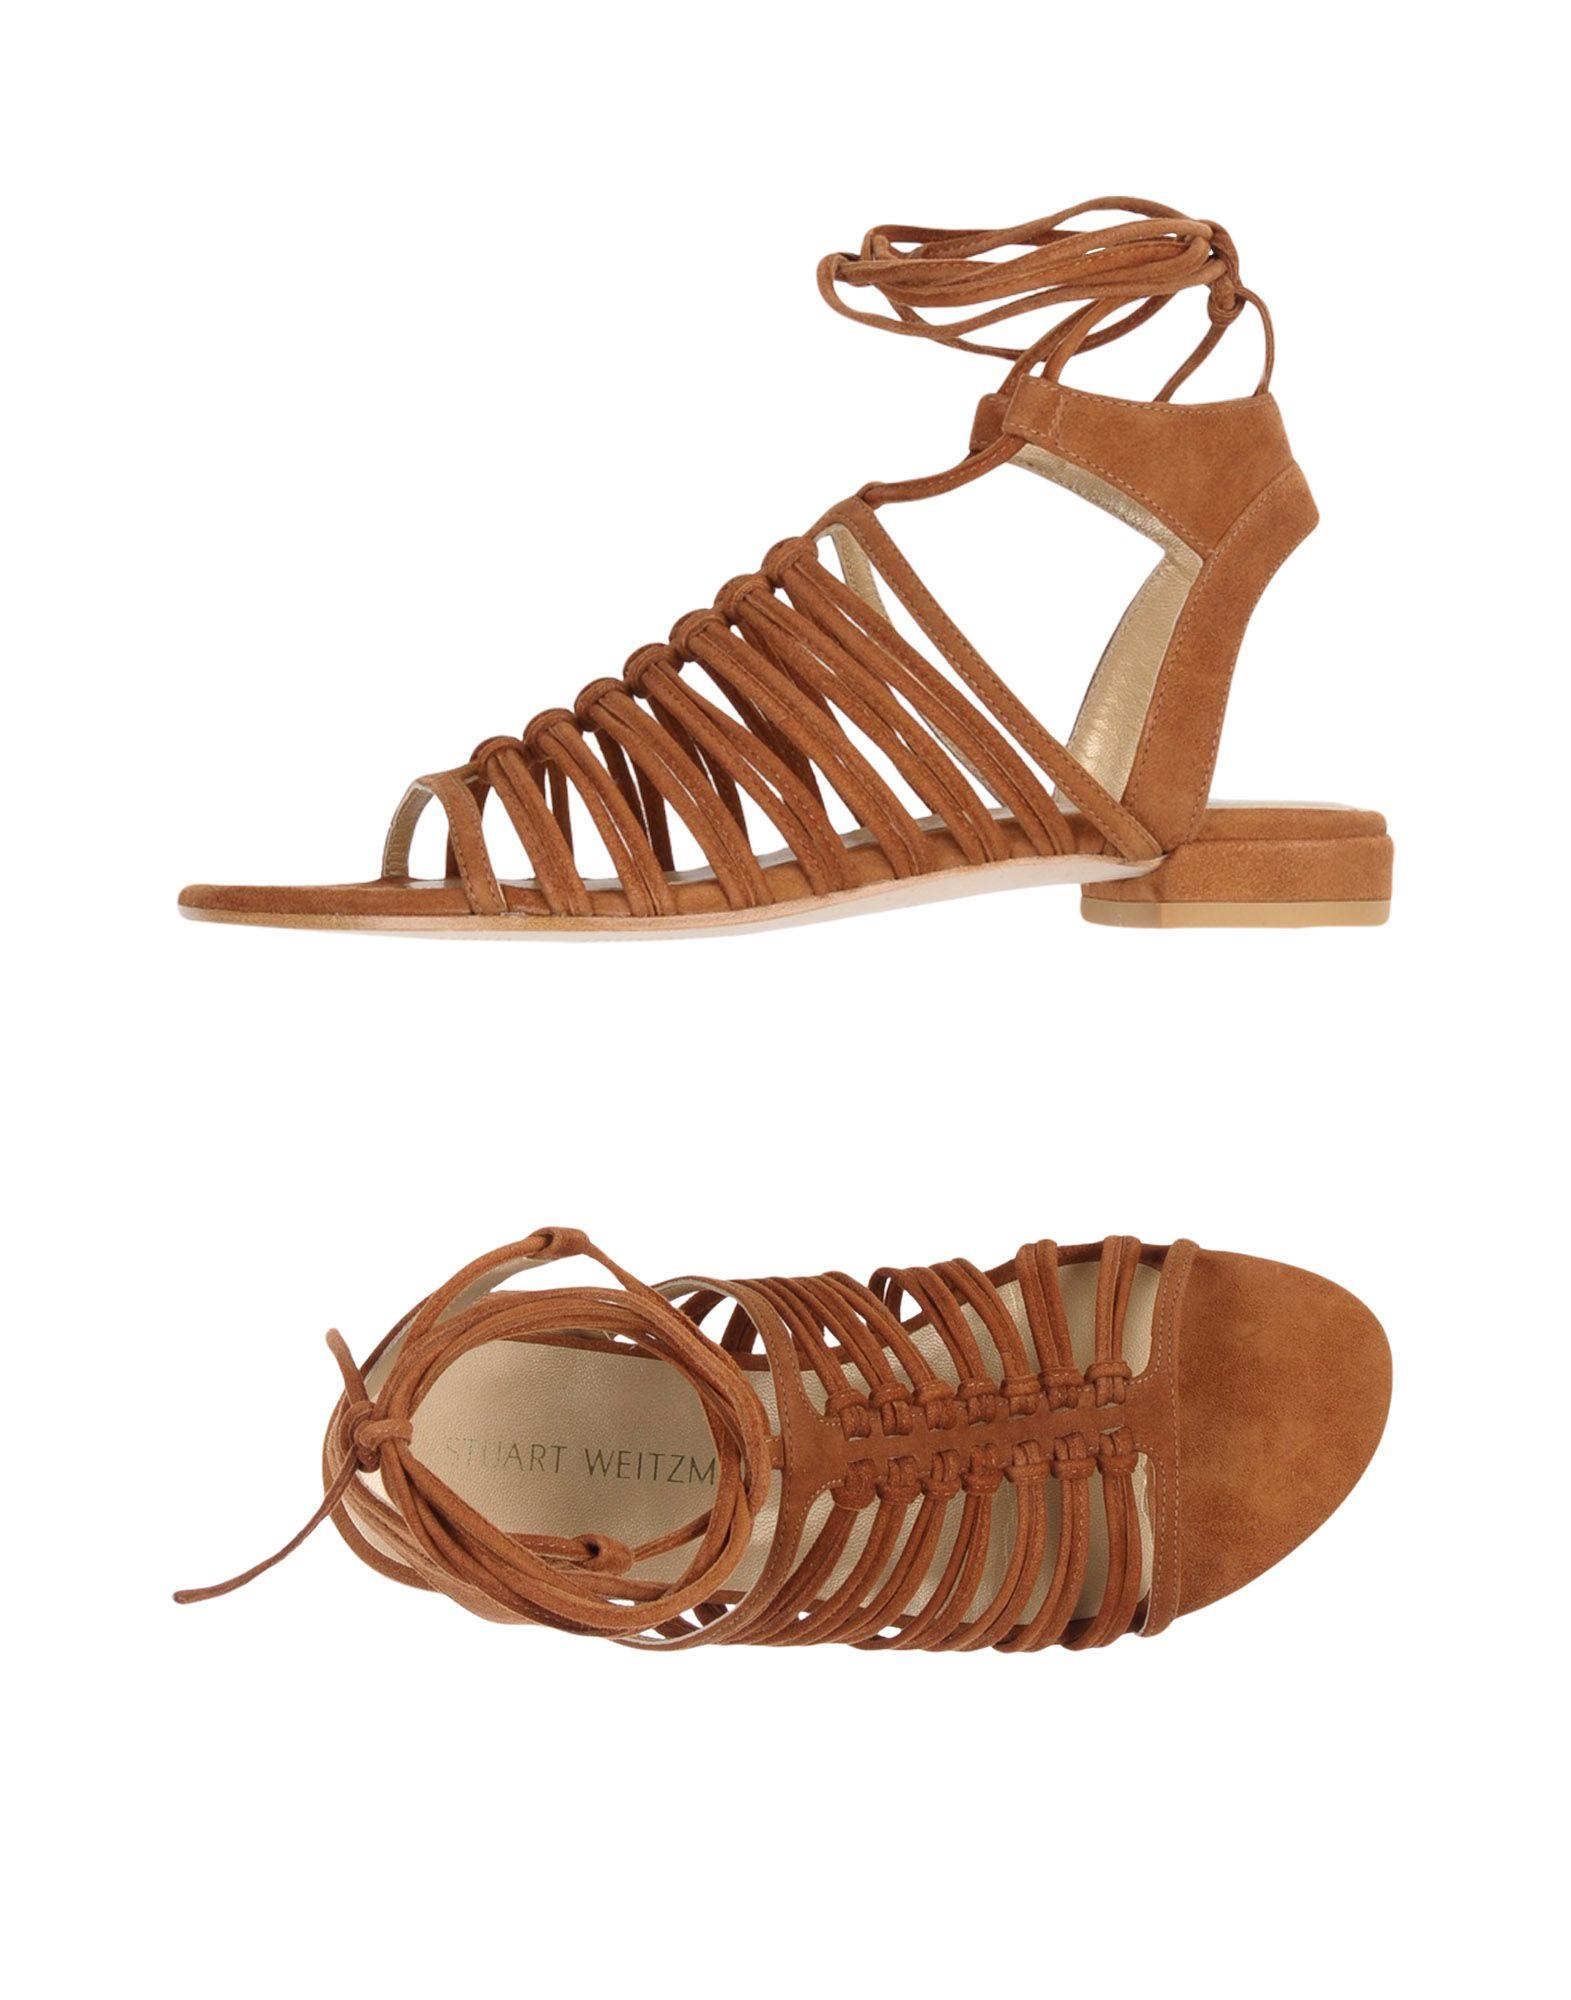 stuart weitzman sandales en - femmes stuart weitzman sandales en sandales ligne sur canada - 11391460le 8ec5a9